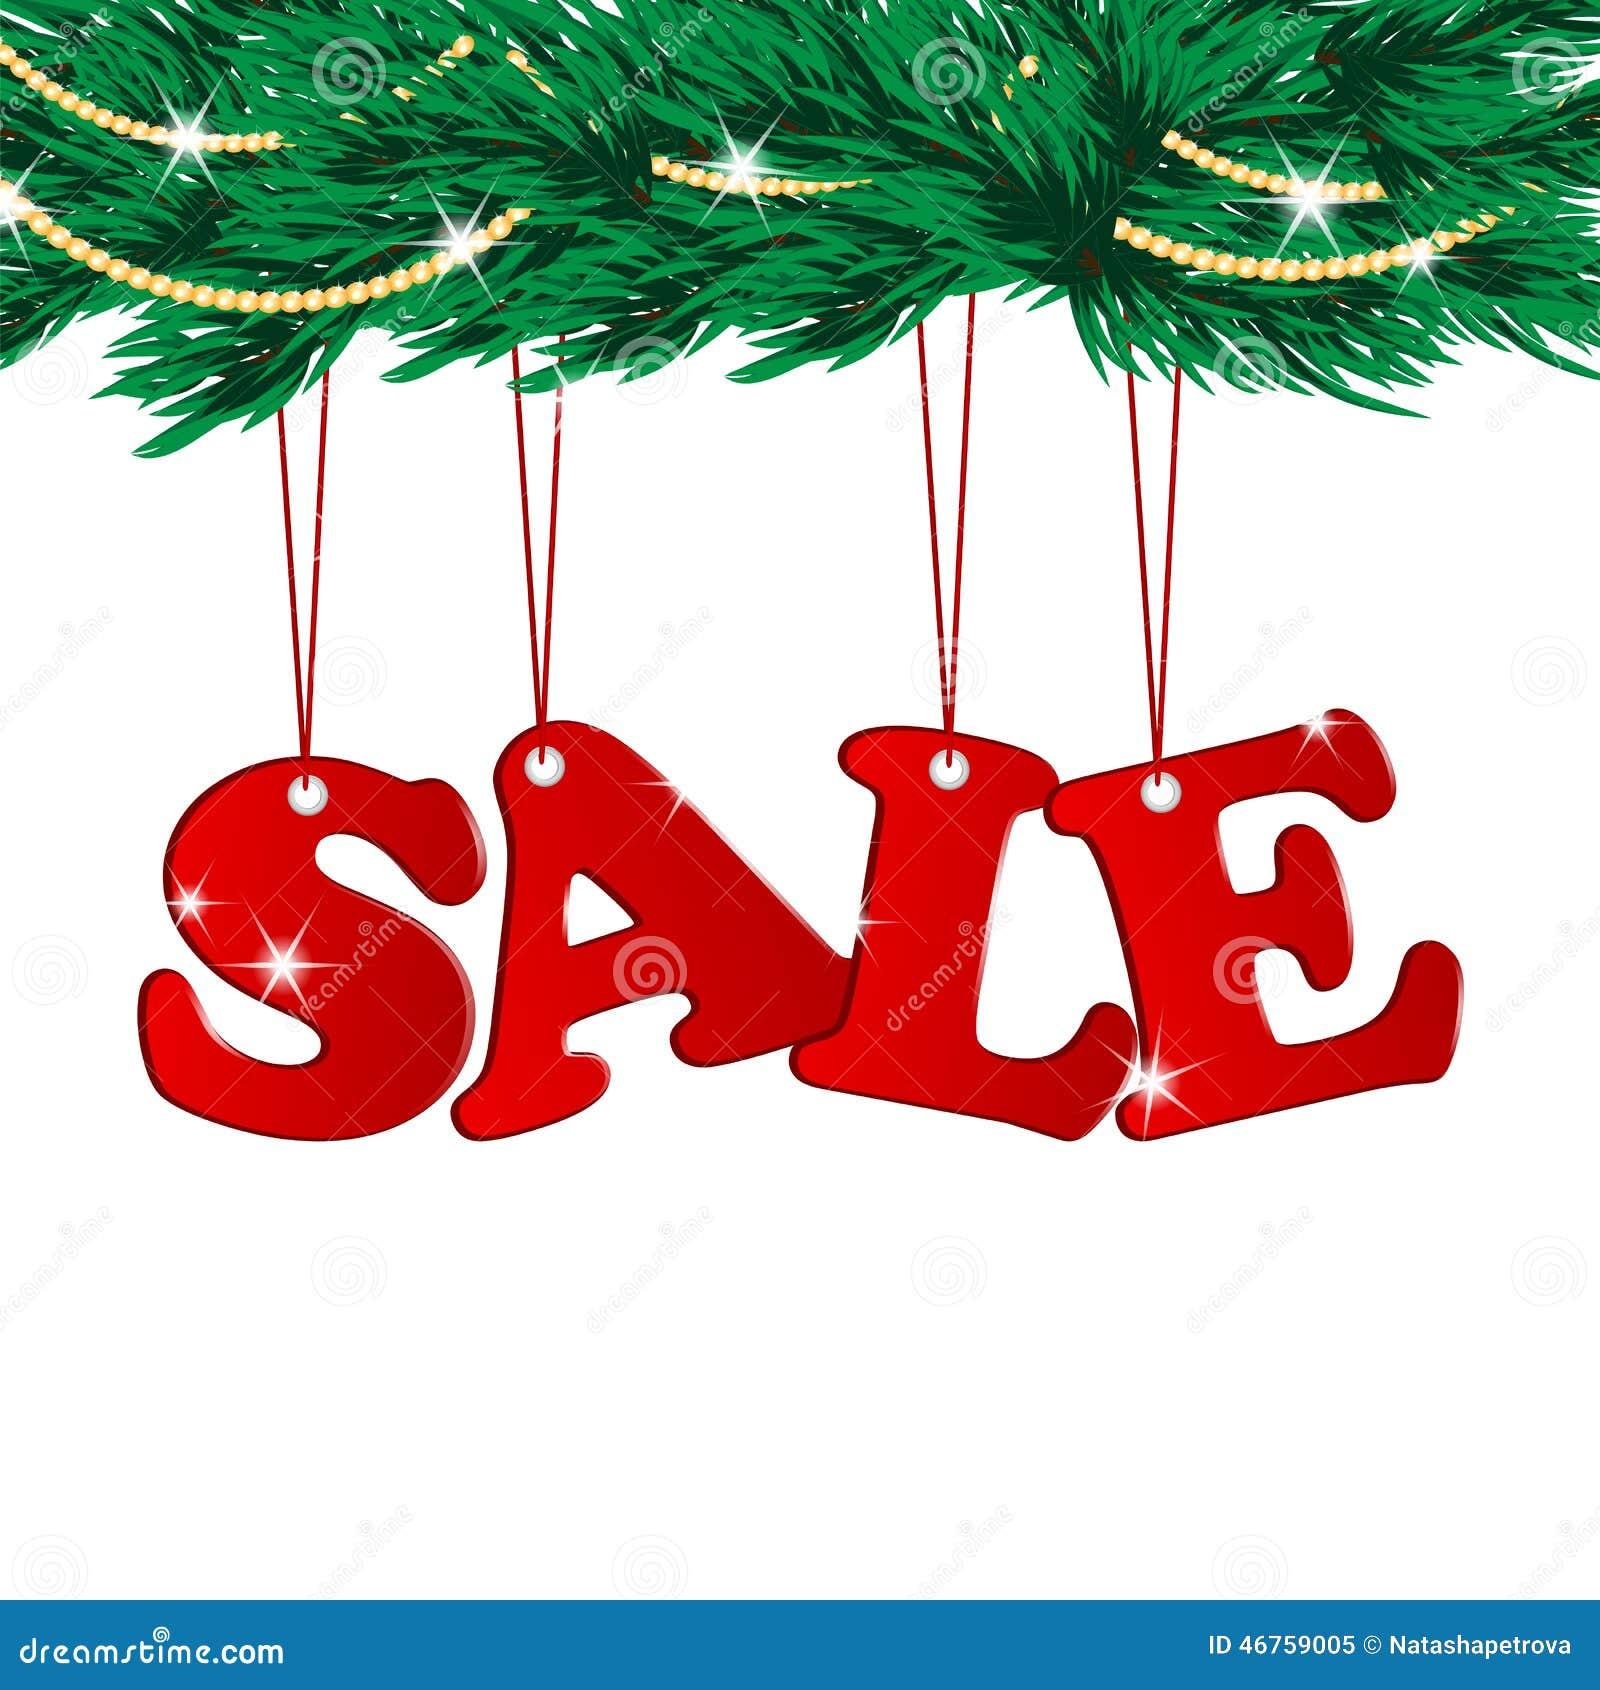 Christmas Sale Tags And Christmas Tree Stock Vector